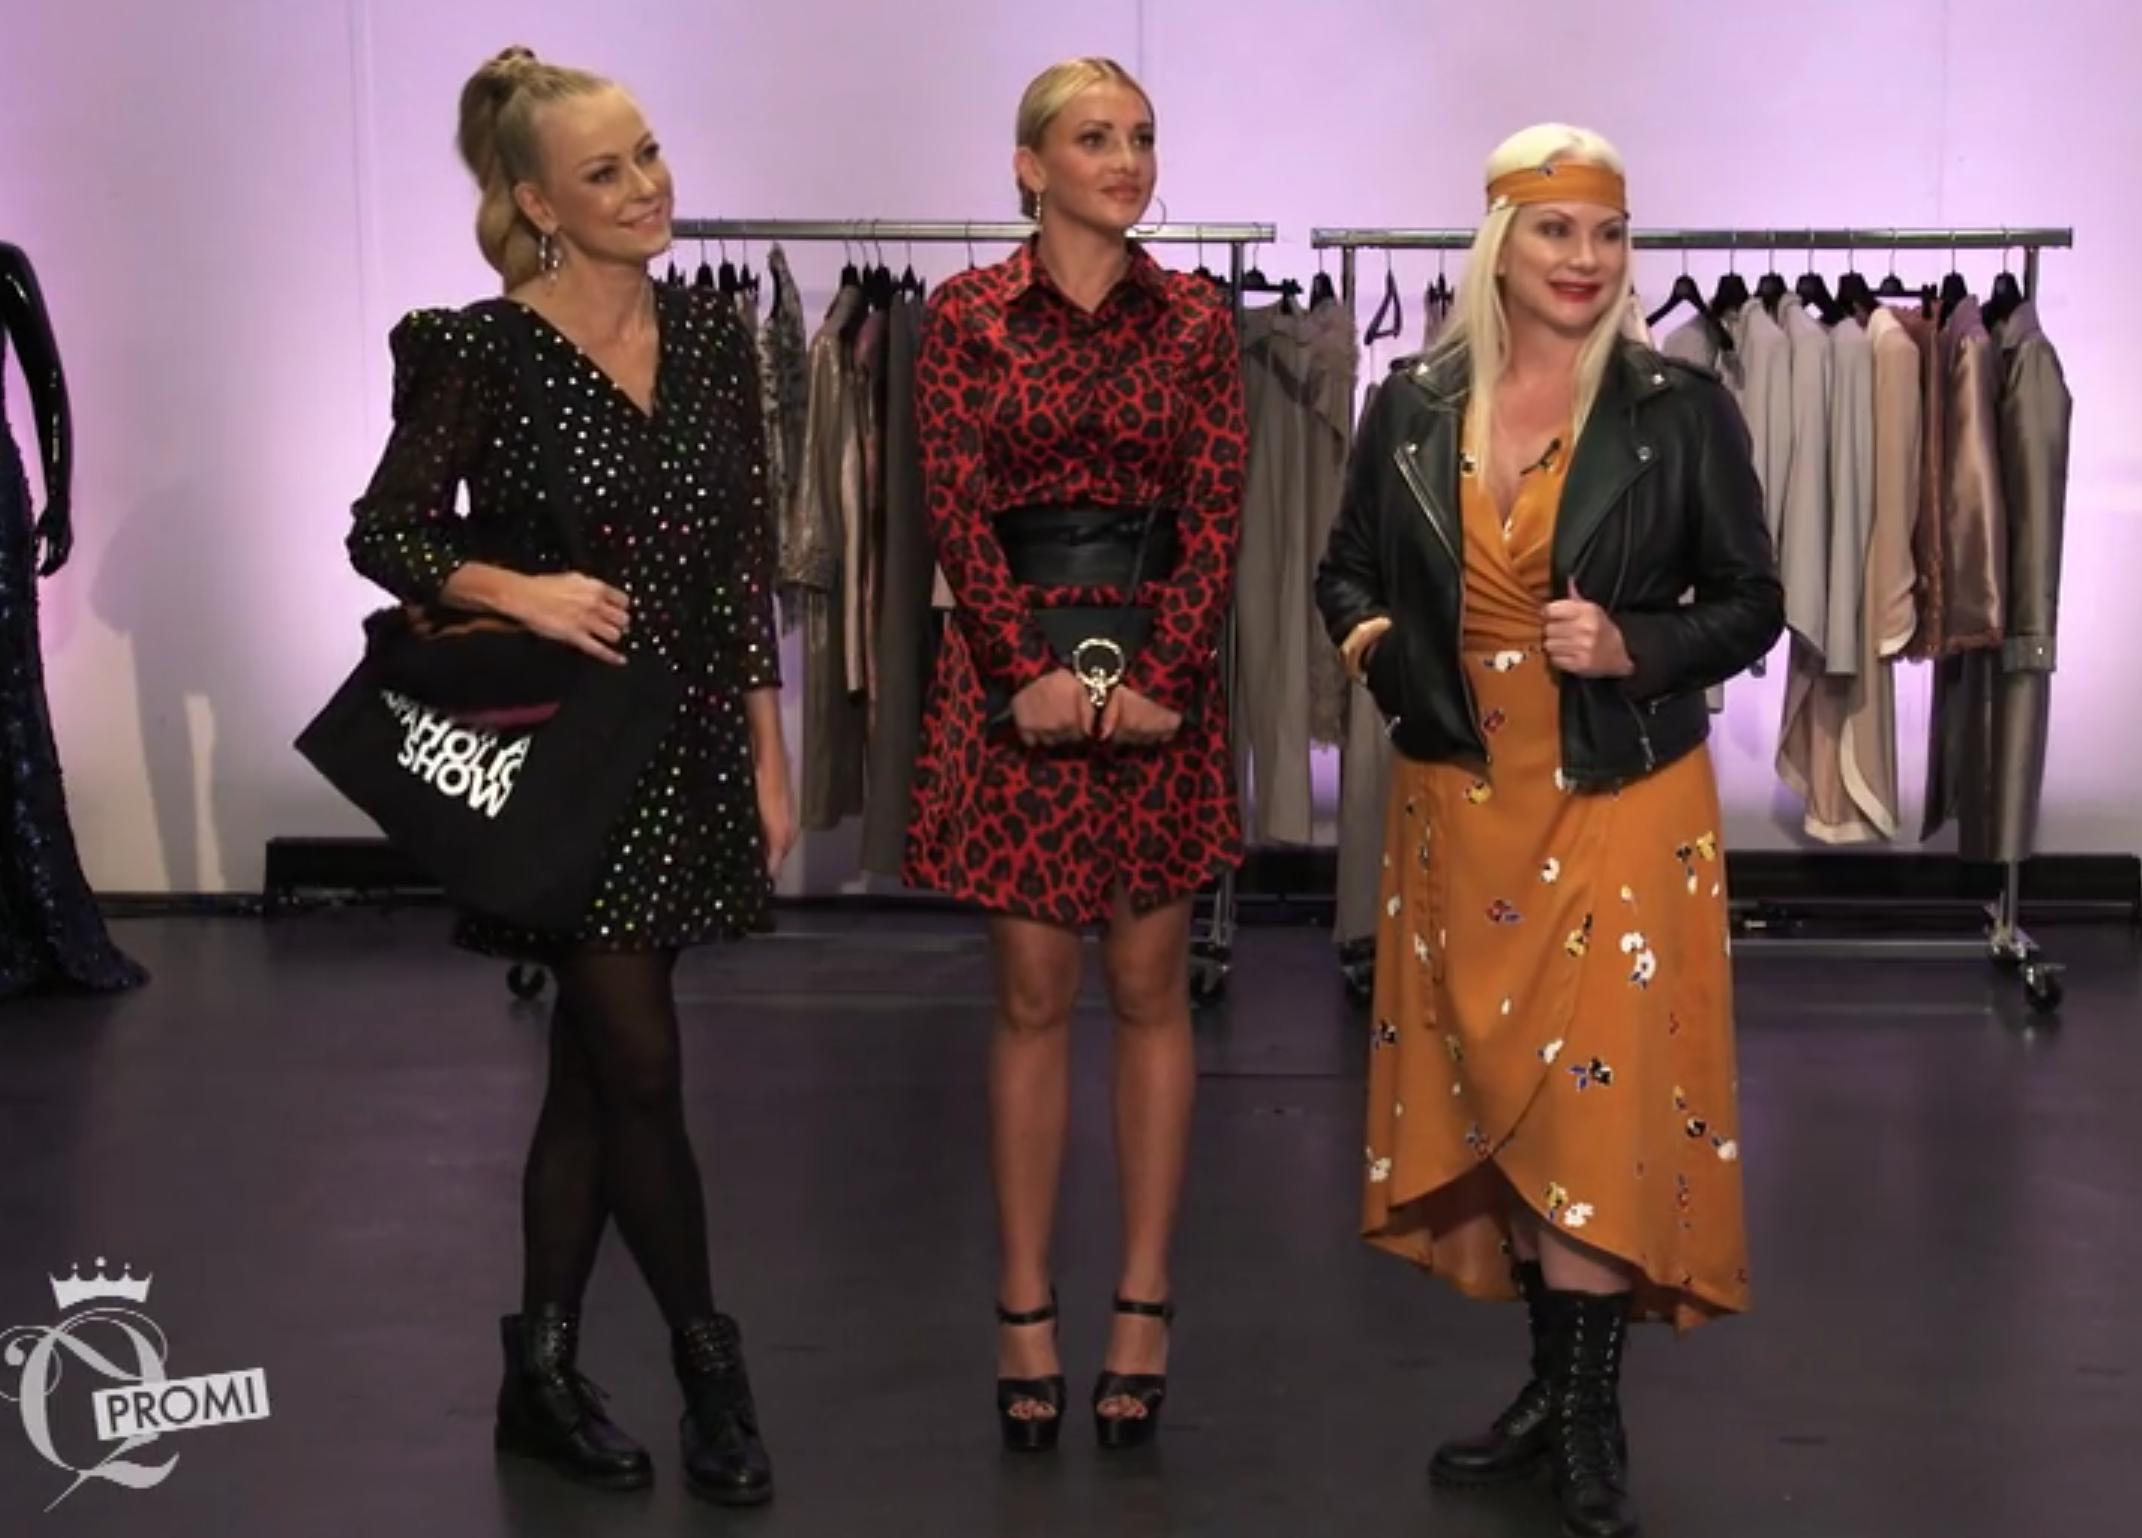 Promi Shopping Queen Blondes Salad Mit Shawne Fielding Evelyn Burdecki Und Jenny Elvers Fashion Insider Magazin Modeblog